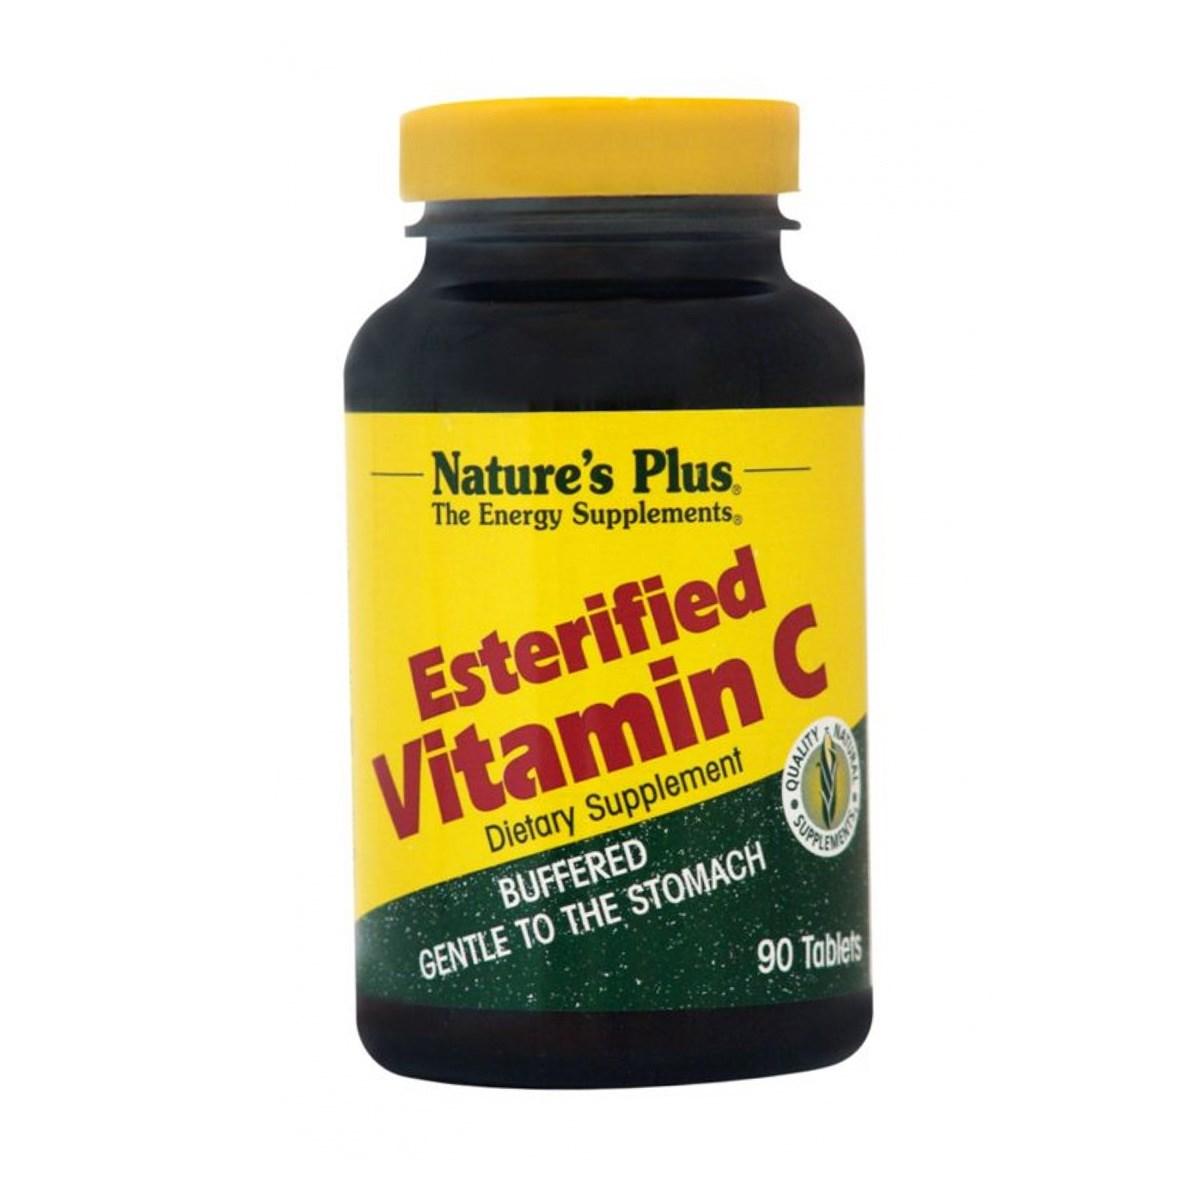 Natures Plus Esterified Vitamin C Tablets